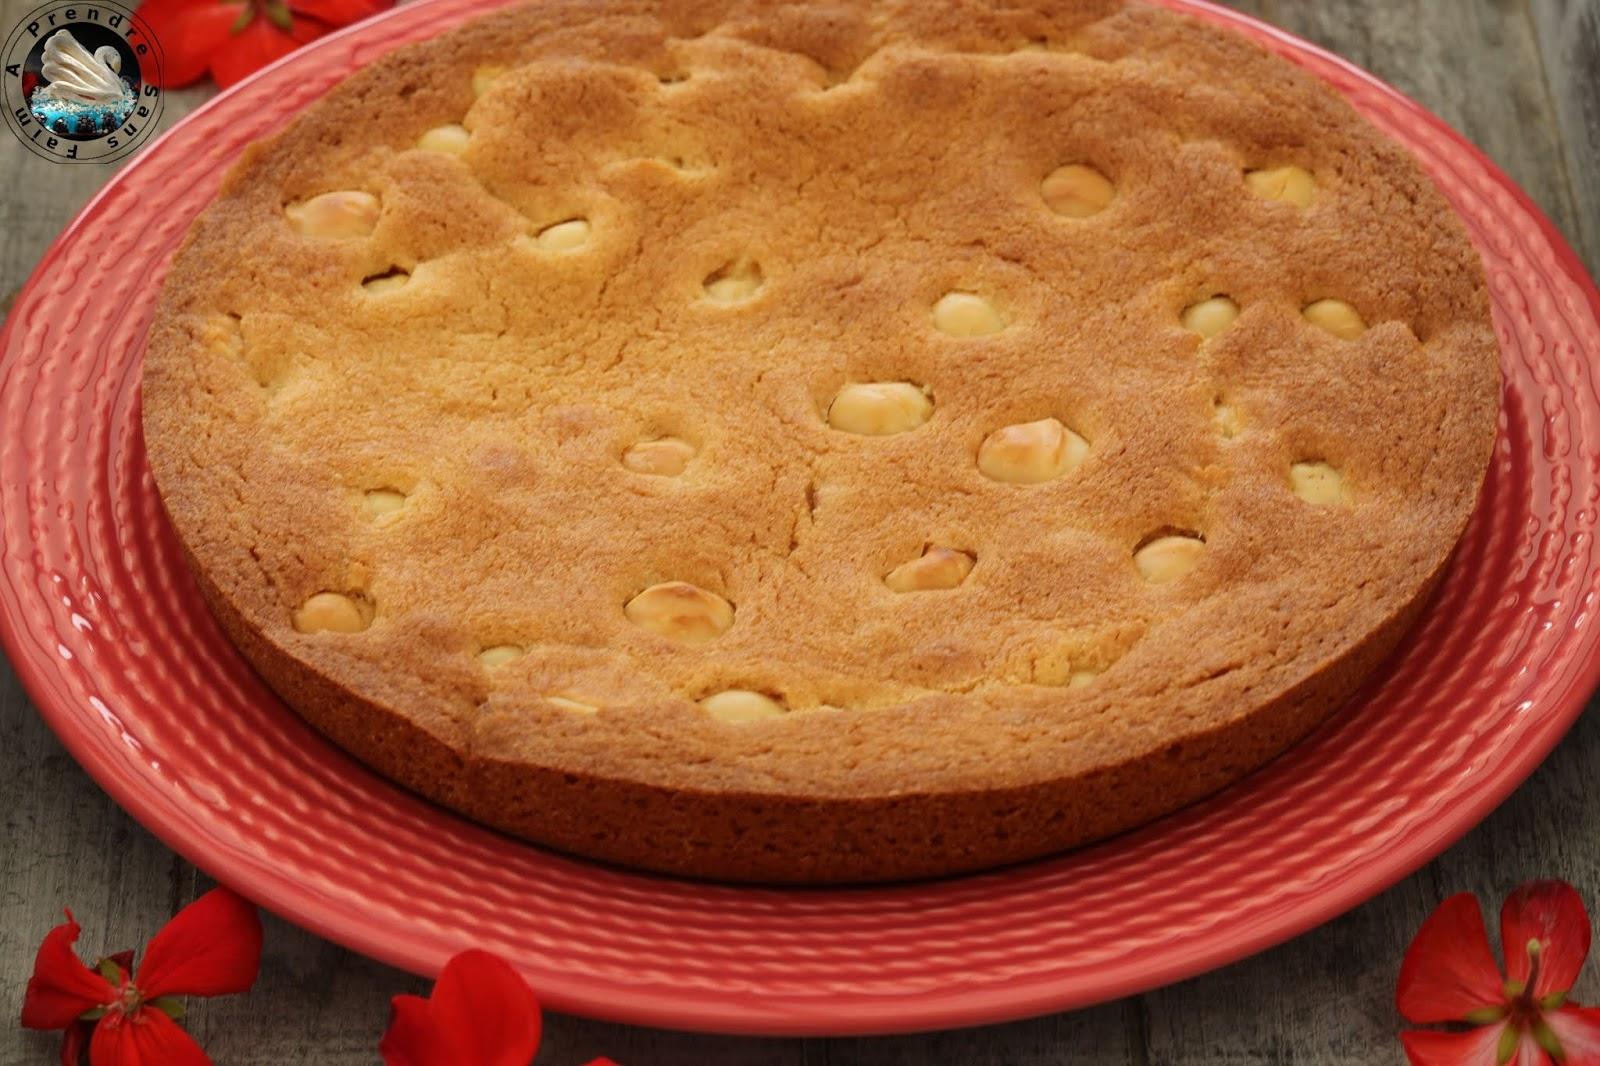 One pan cookie vanille noix de macadamia